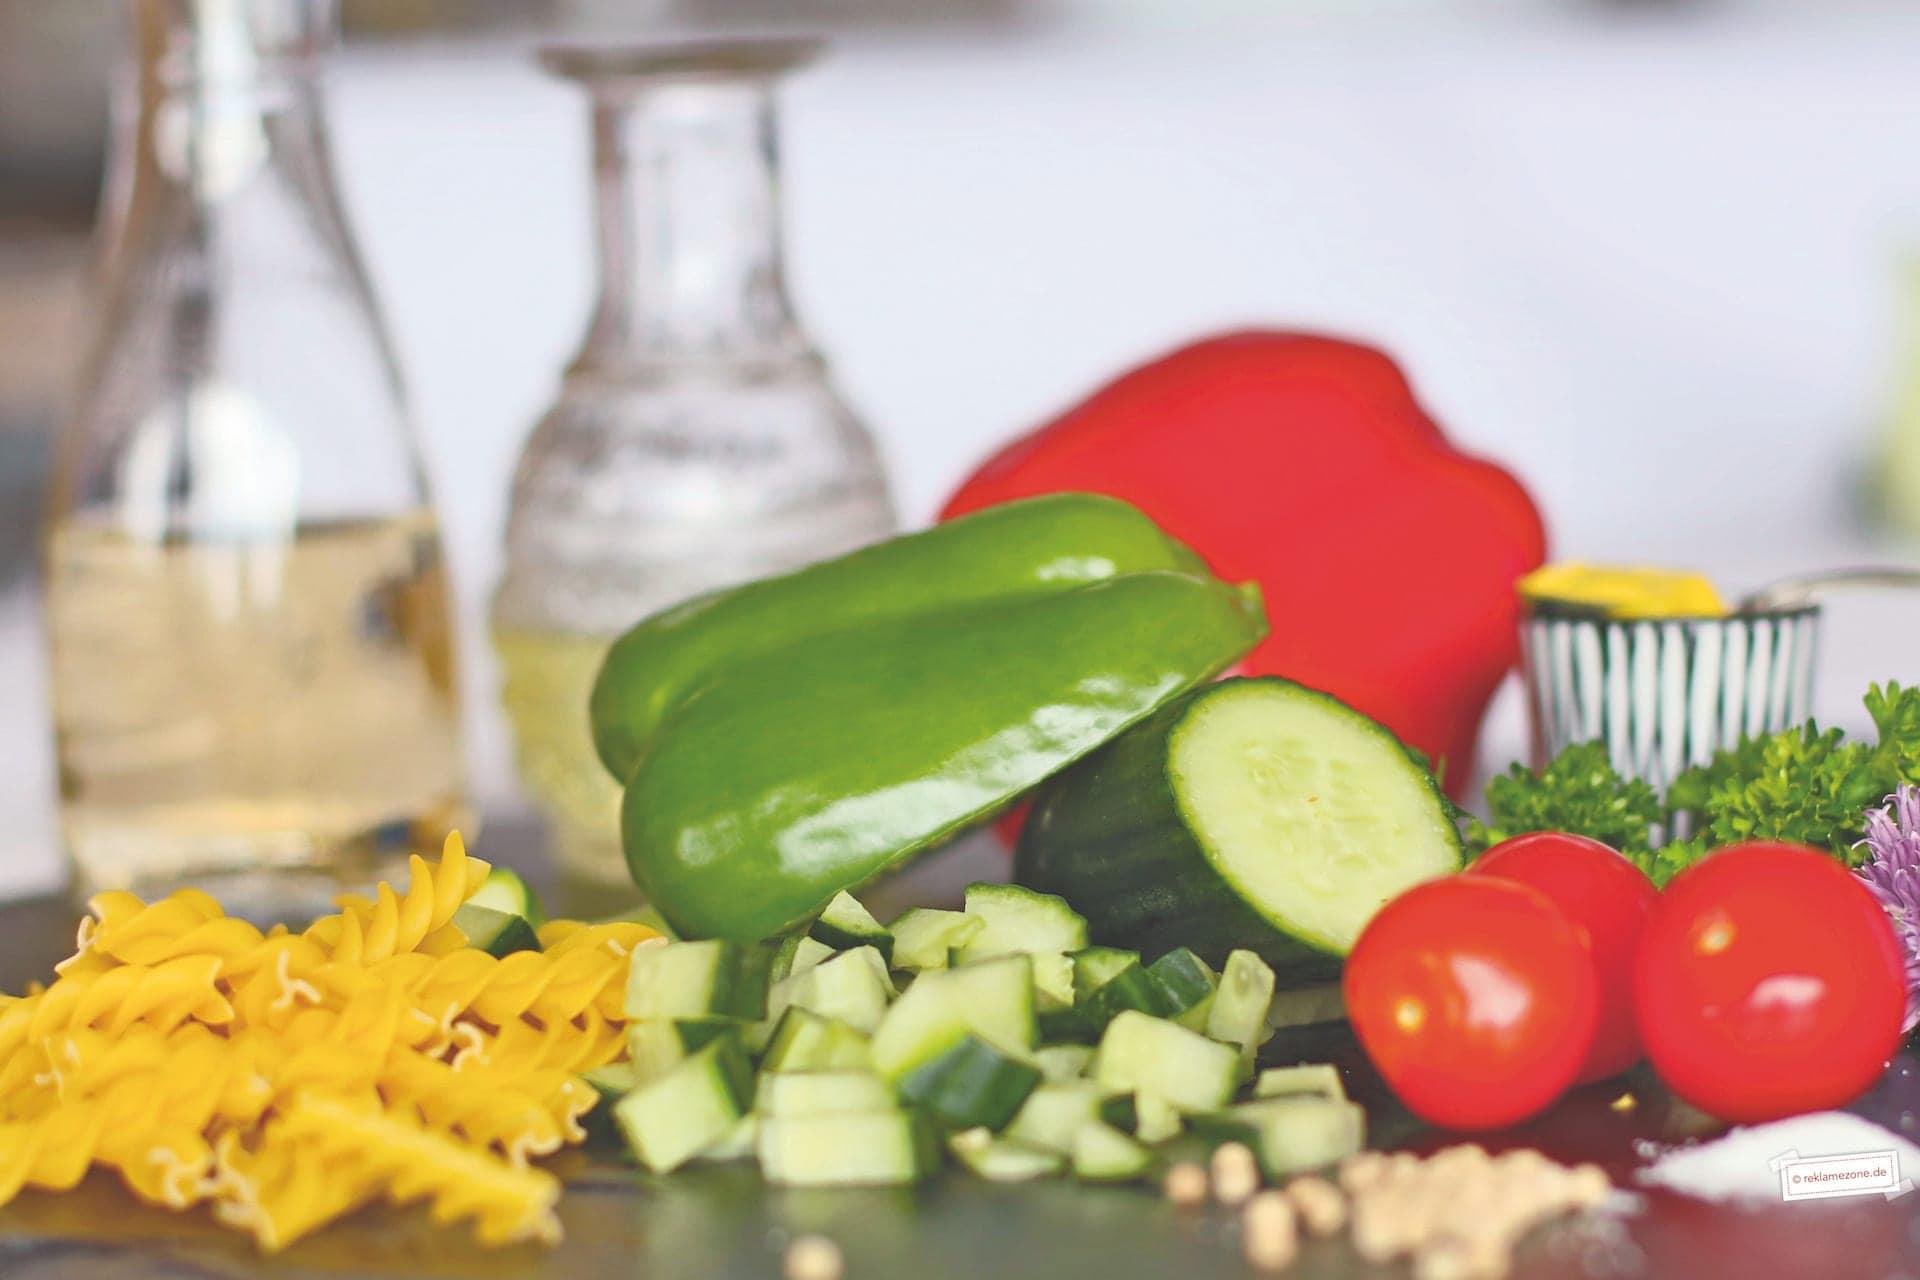 Nudelsalat, einfach und schnell - Foto: reklamezone.de